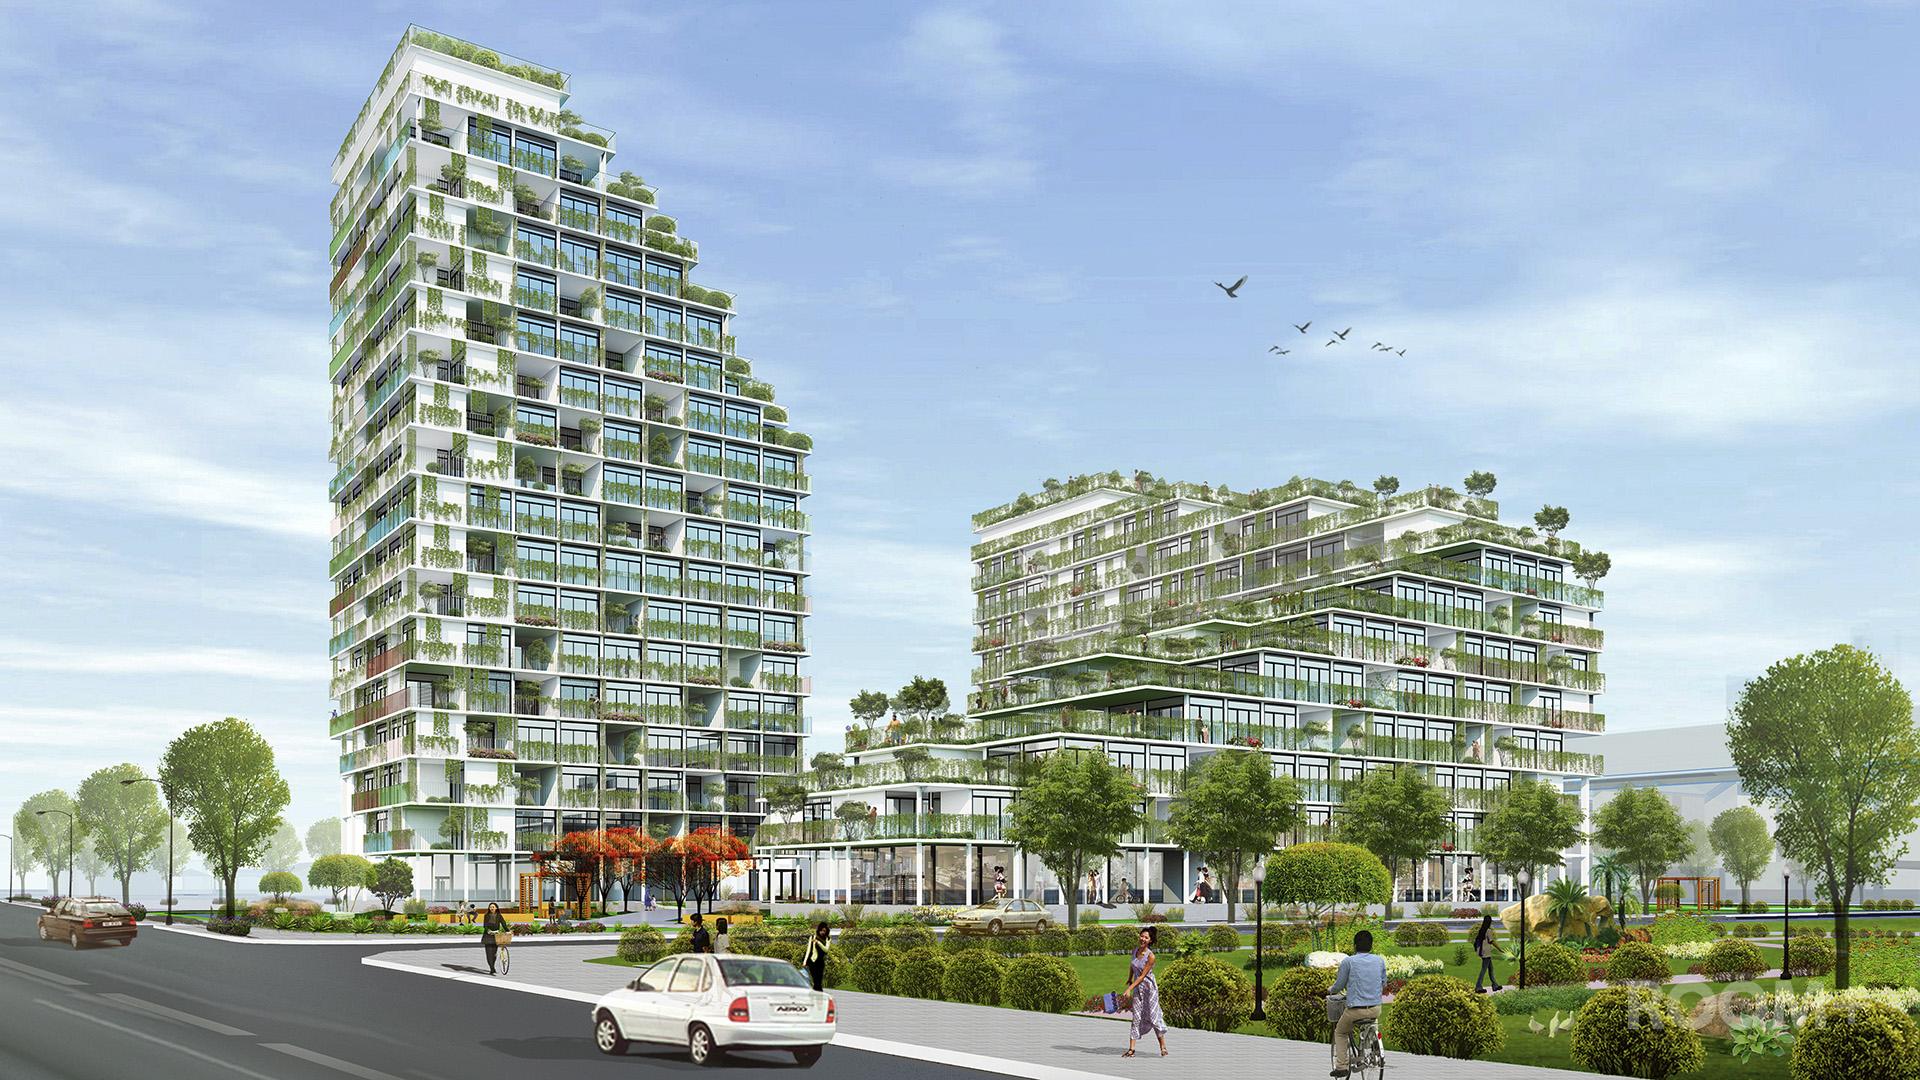 Thiết kế kiến trúc và đô thị